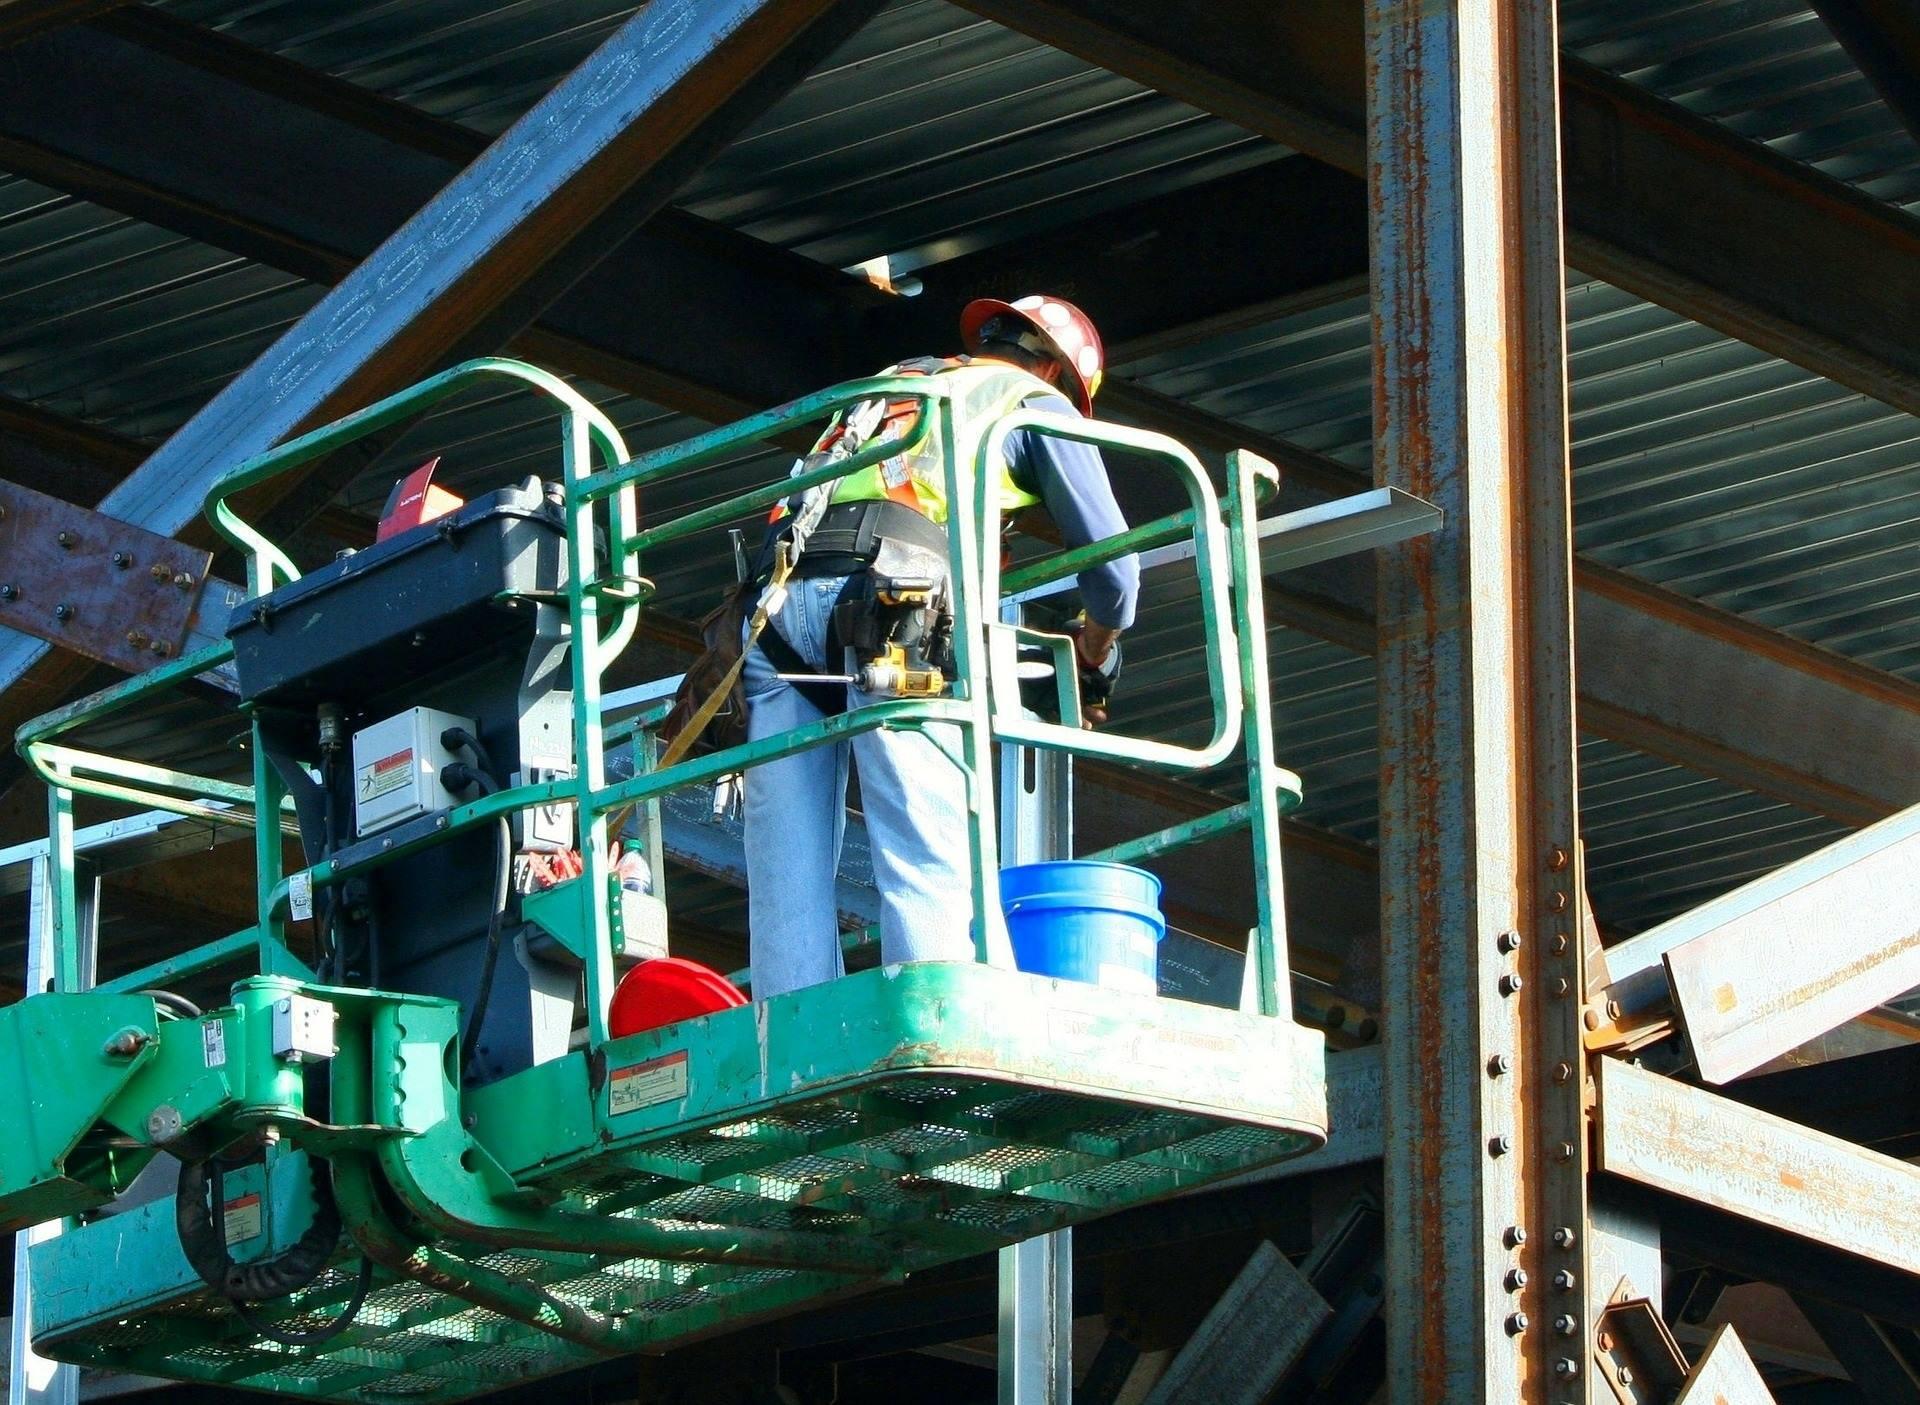 Workers hoist industrial